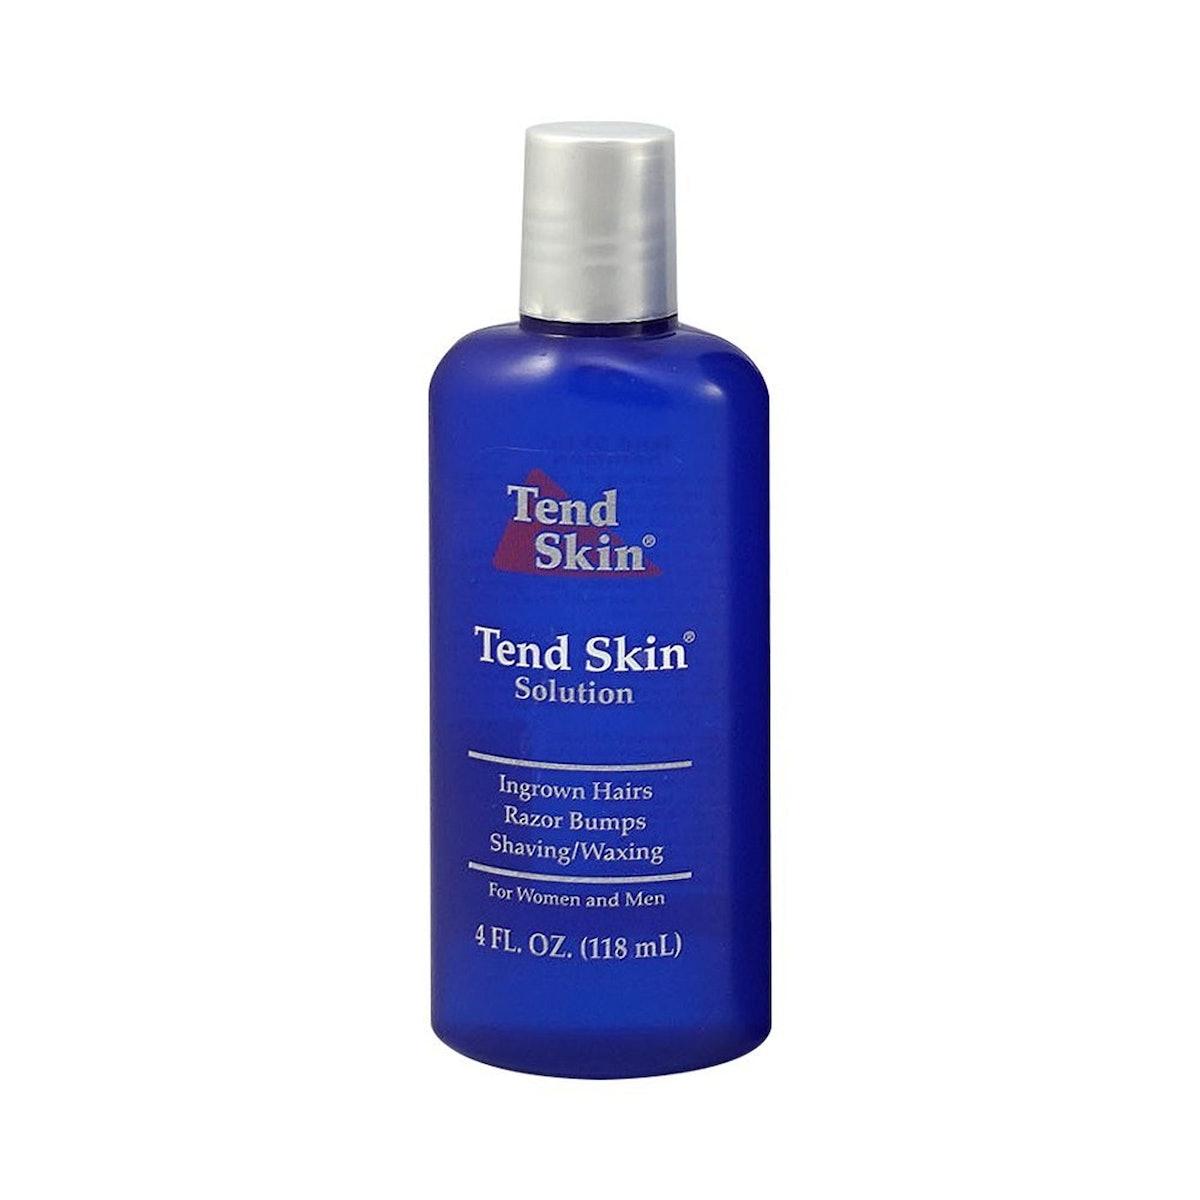 Tend Skin Shaving Solution